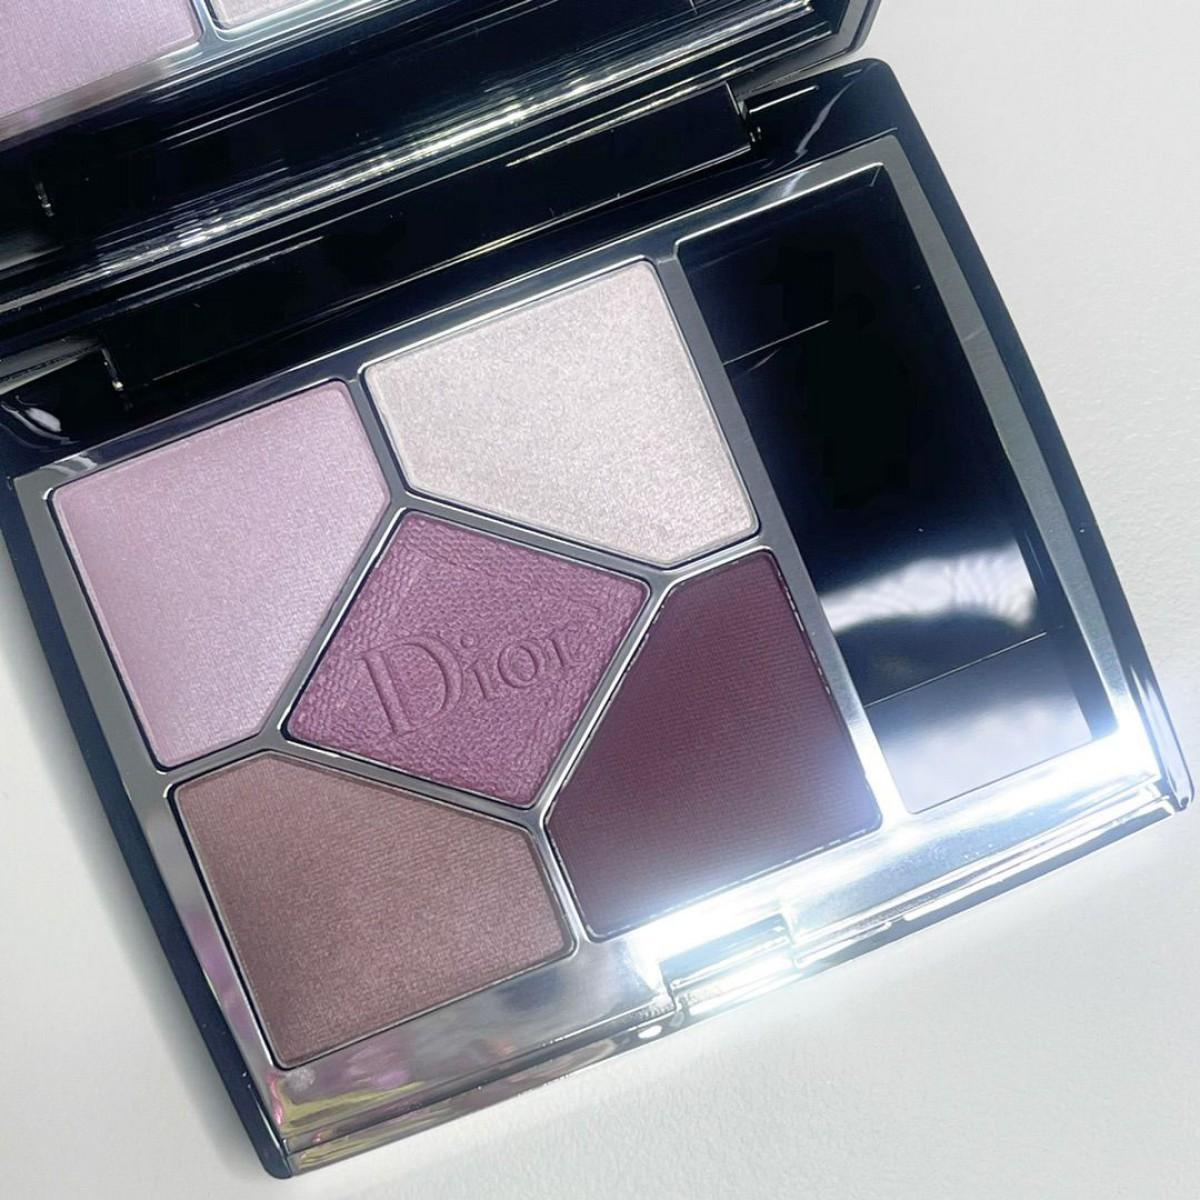 Dior サンククルール ピンクサクラを試しました♡